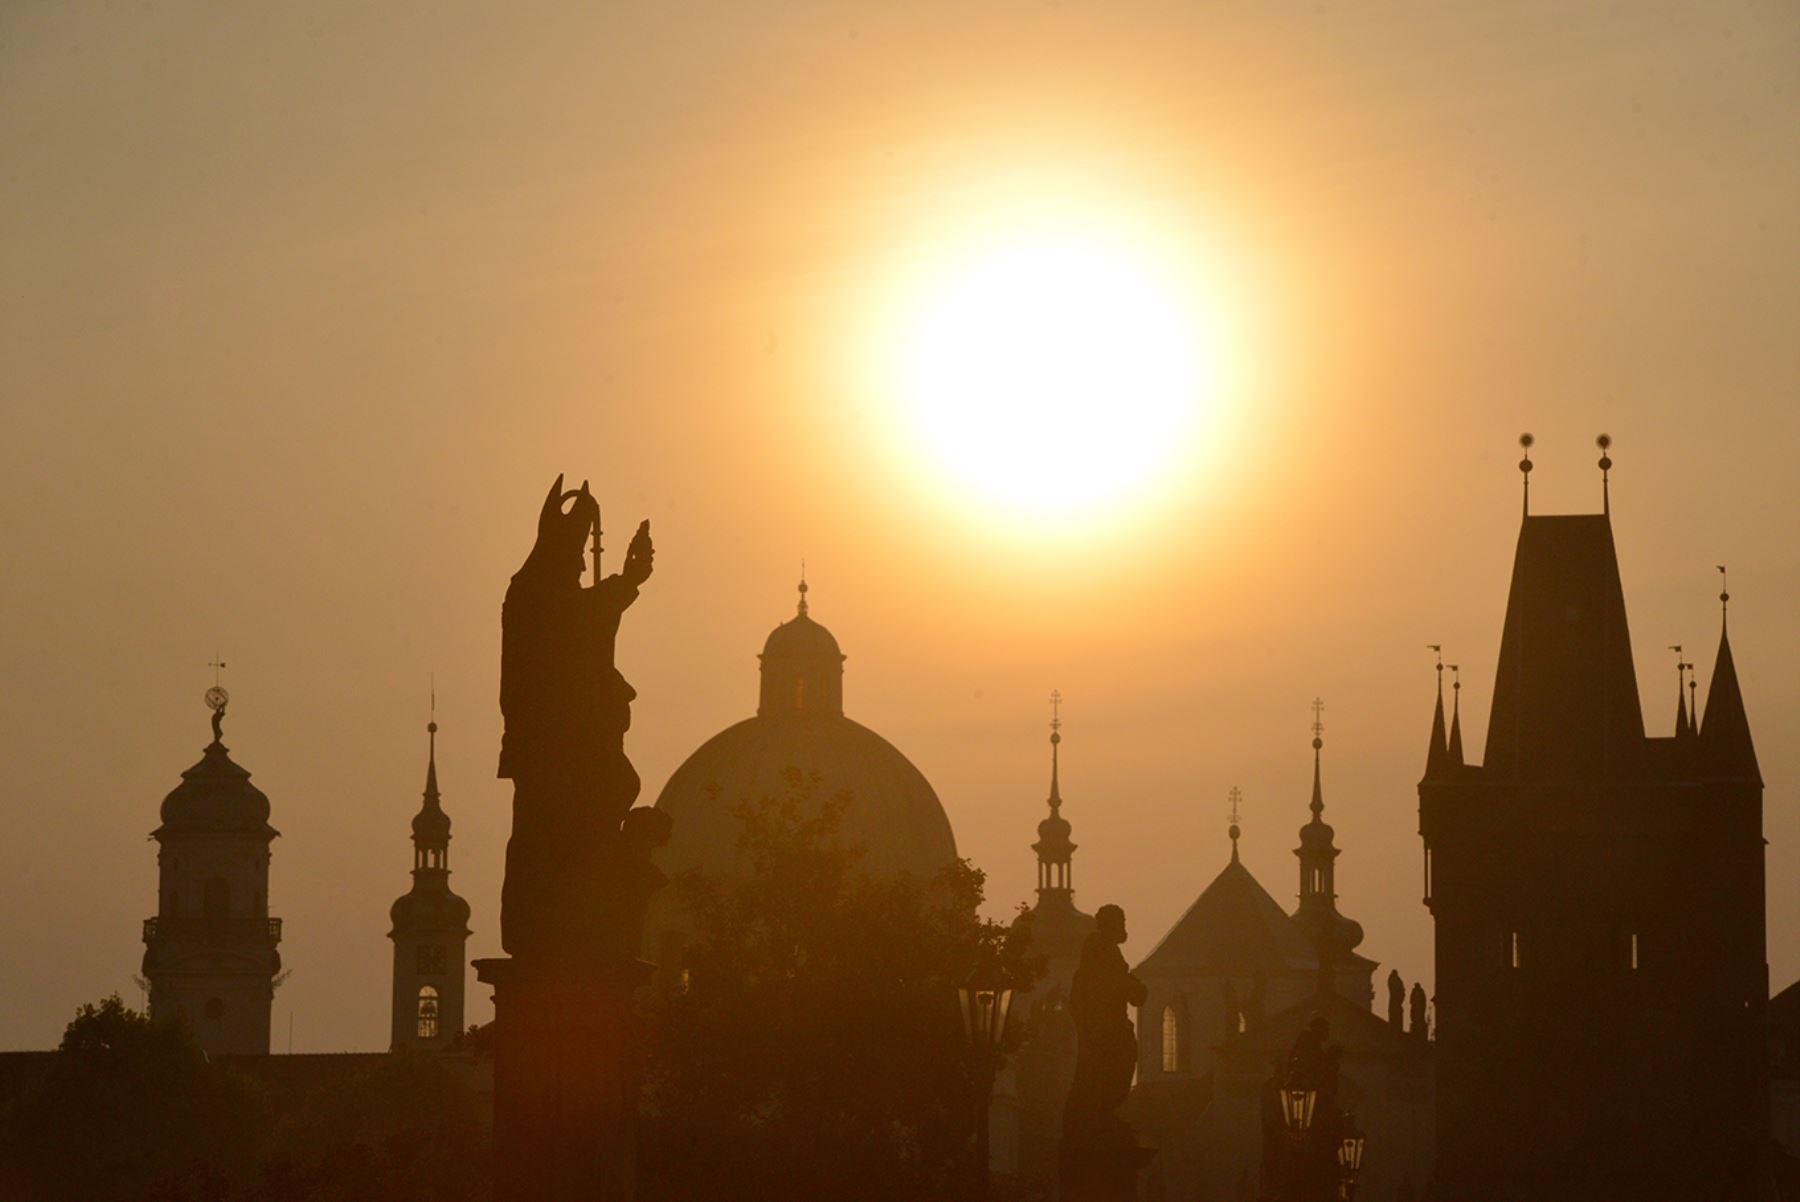 Las siluetas de las estatuas y los edificios se ven desde la madrugada del puente de Charles el 24 de septiembre de 2016, en Praga.  FOTO AFP / Michal Cizek